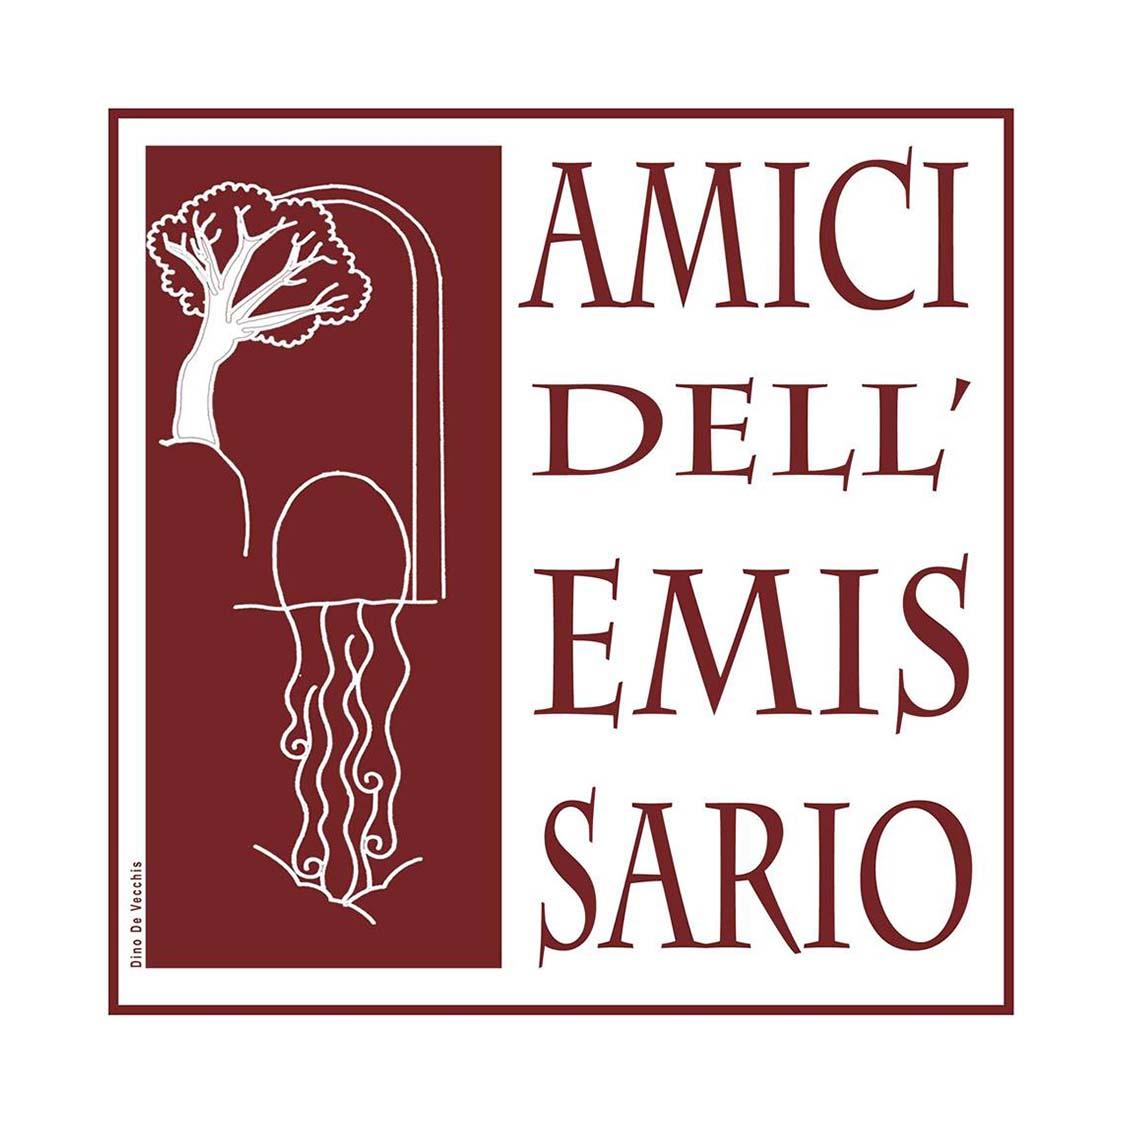 AMICI DELL'EMISSARIO